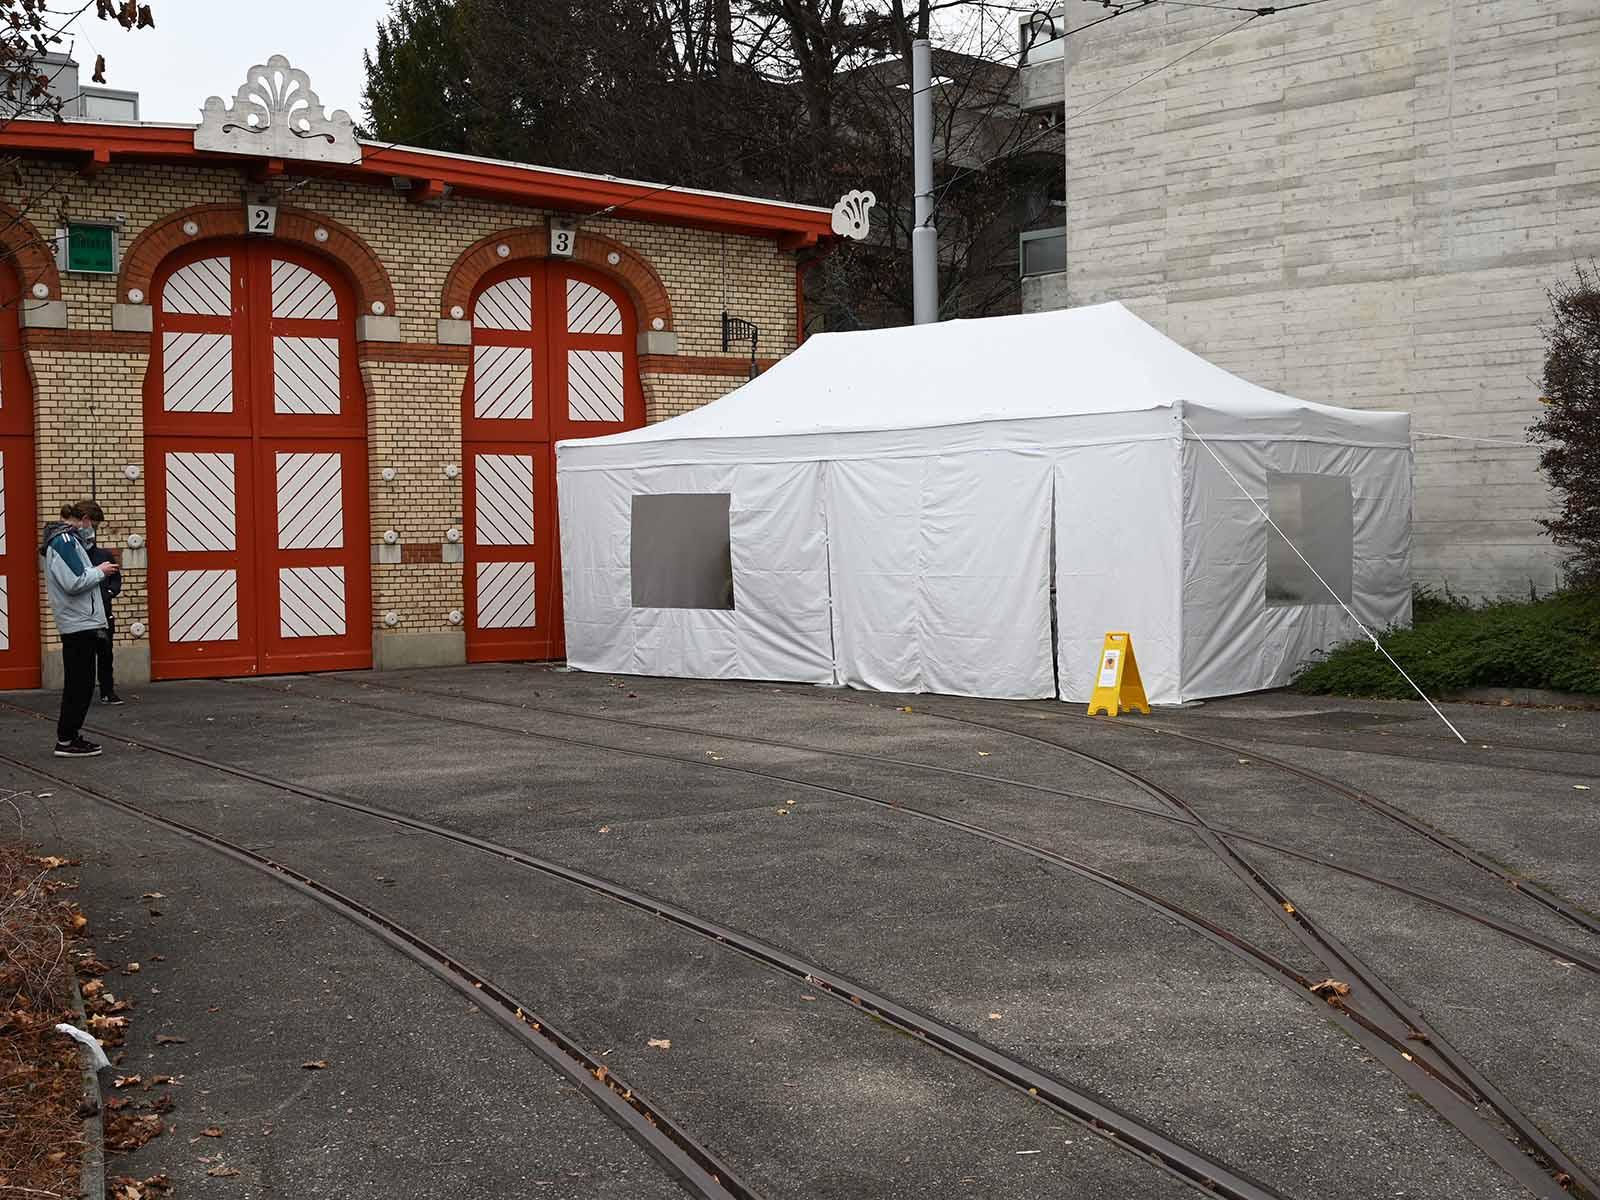 Vor dem Tramdepot Wartau wurde ein Zelt für die Schnelltests aufgebaut.